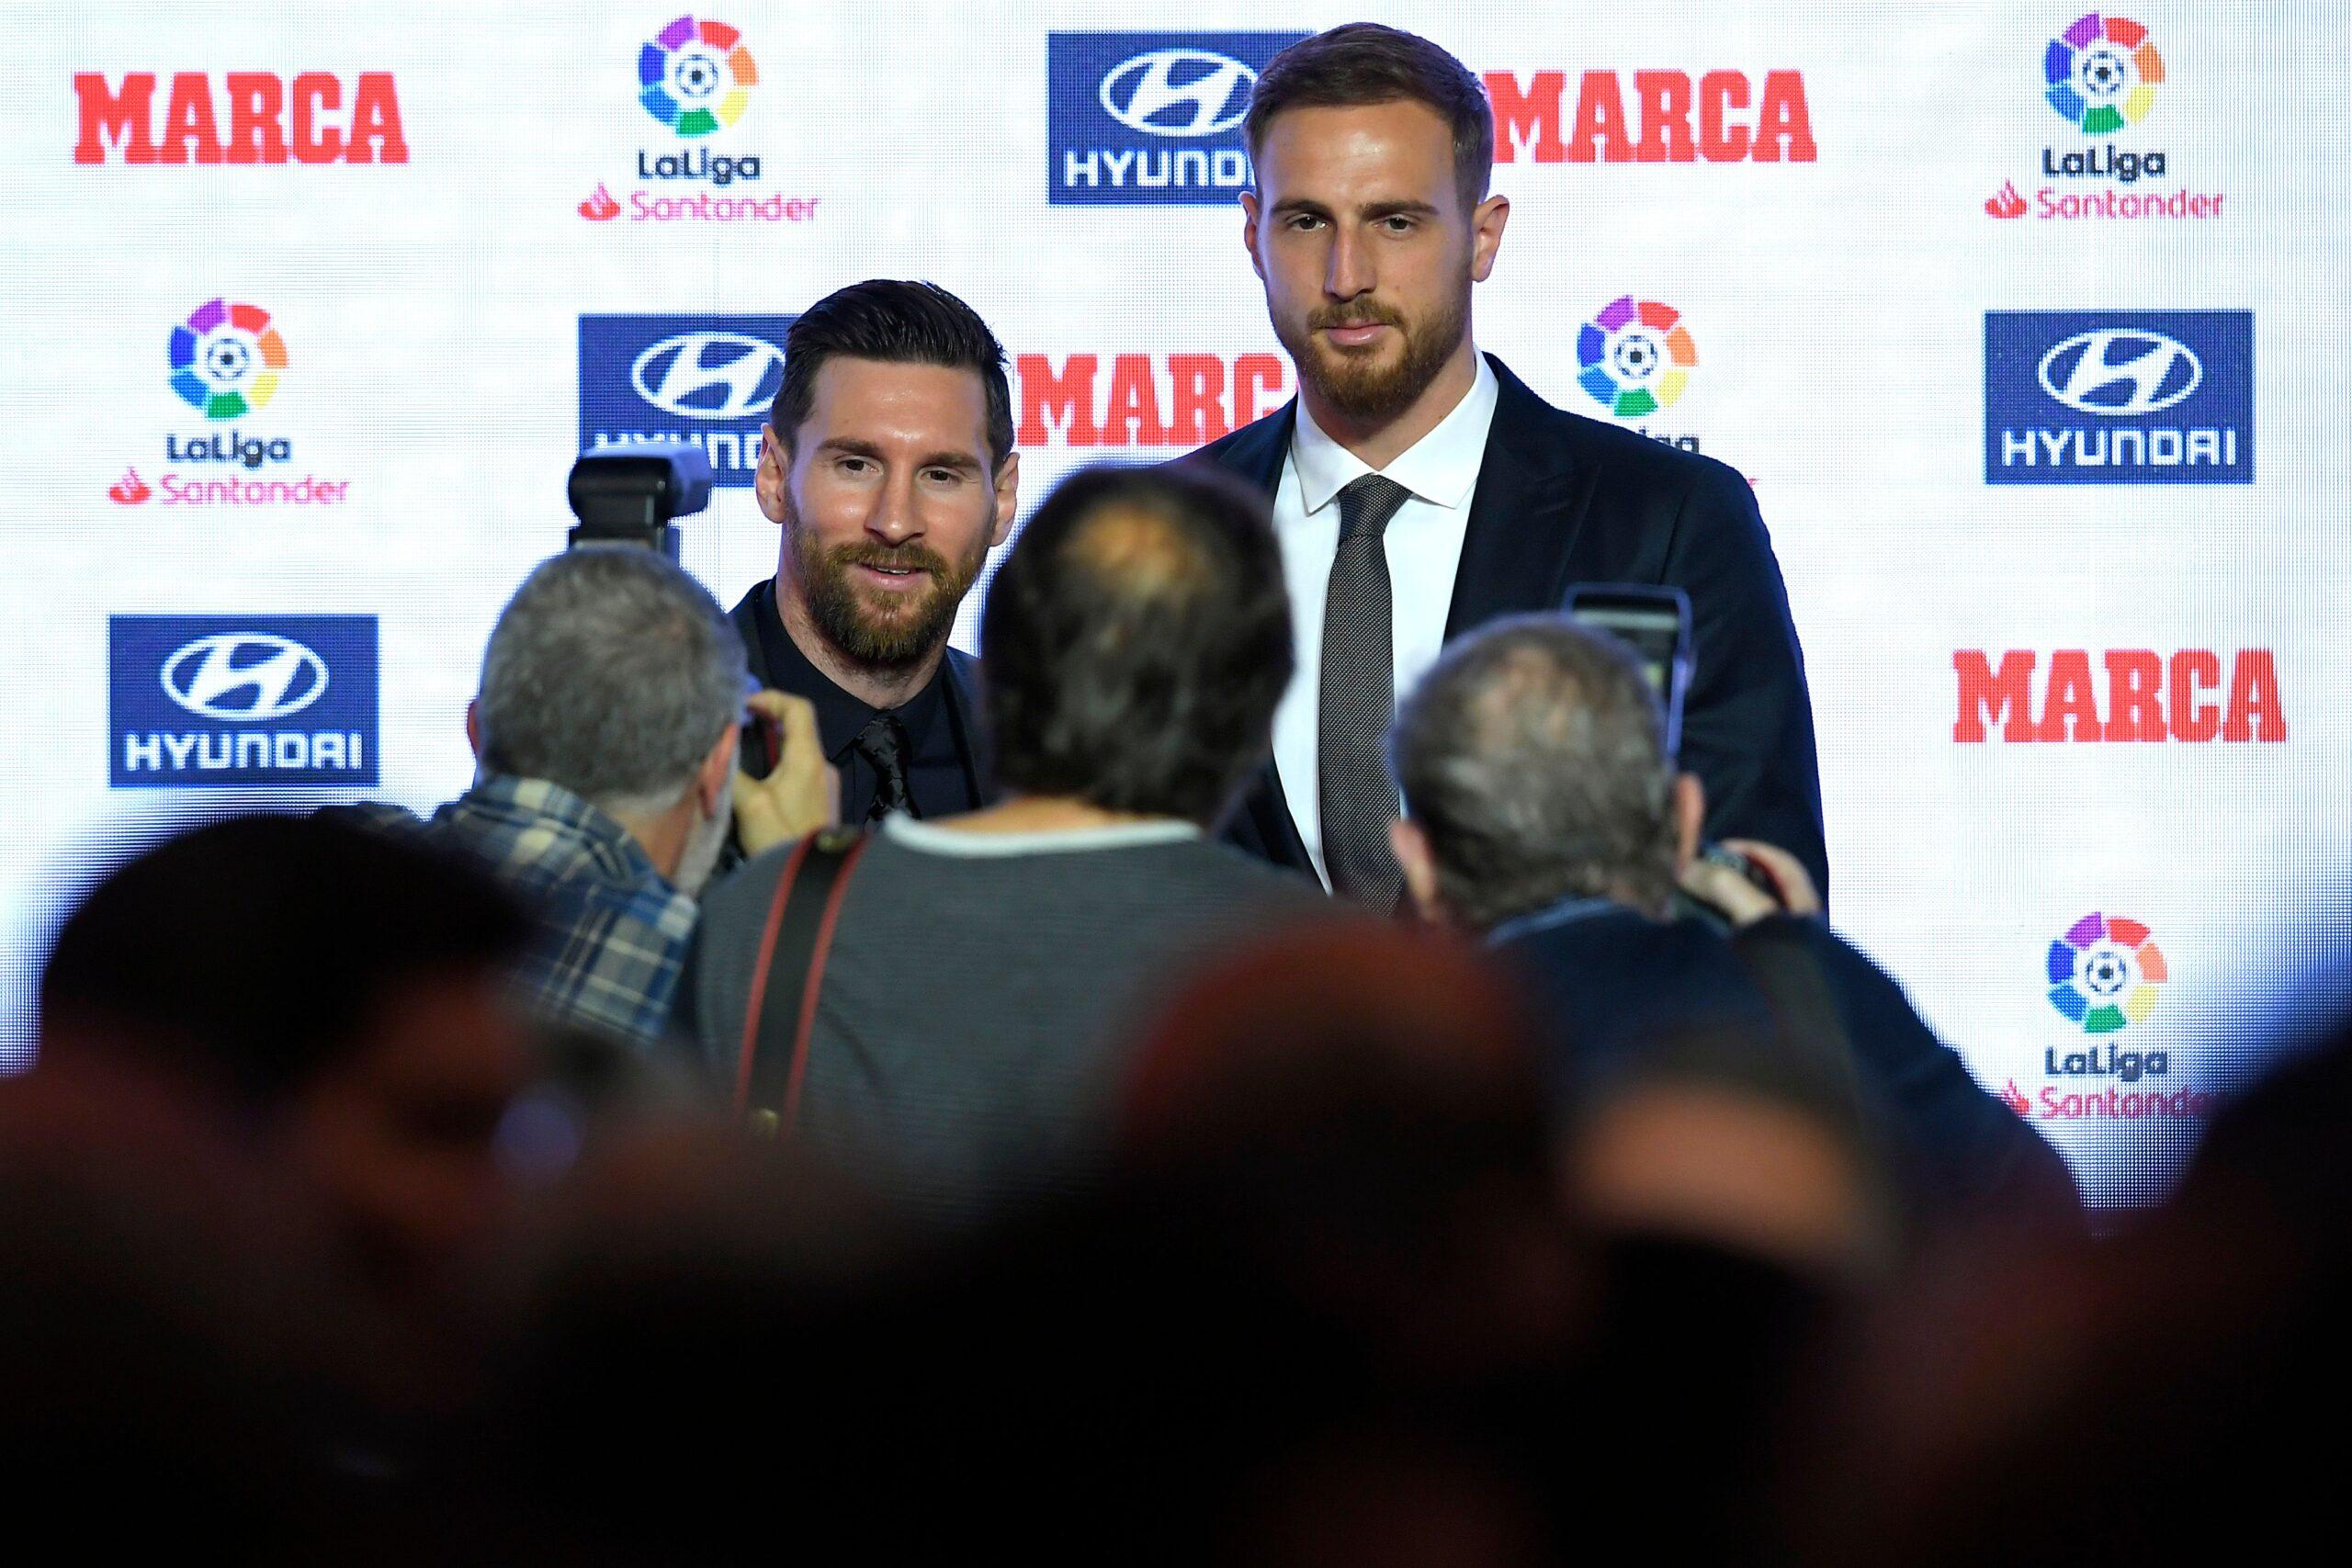 VIDEO: El guiño de Oblak a Messi para que fiche por el Atlético